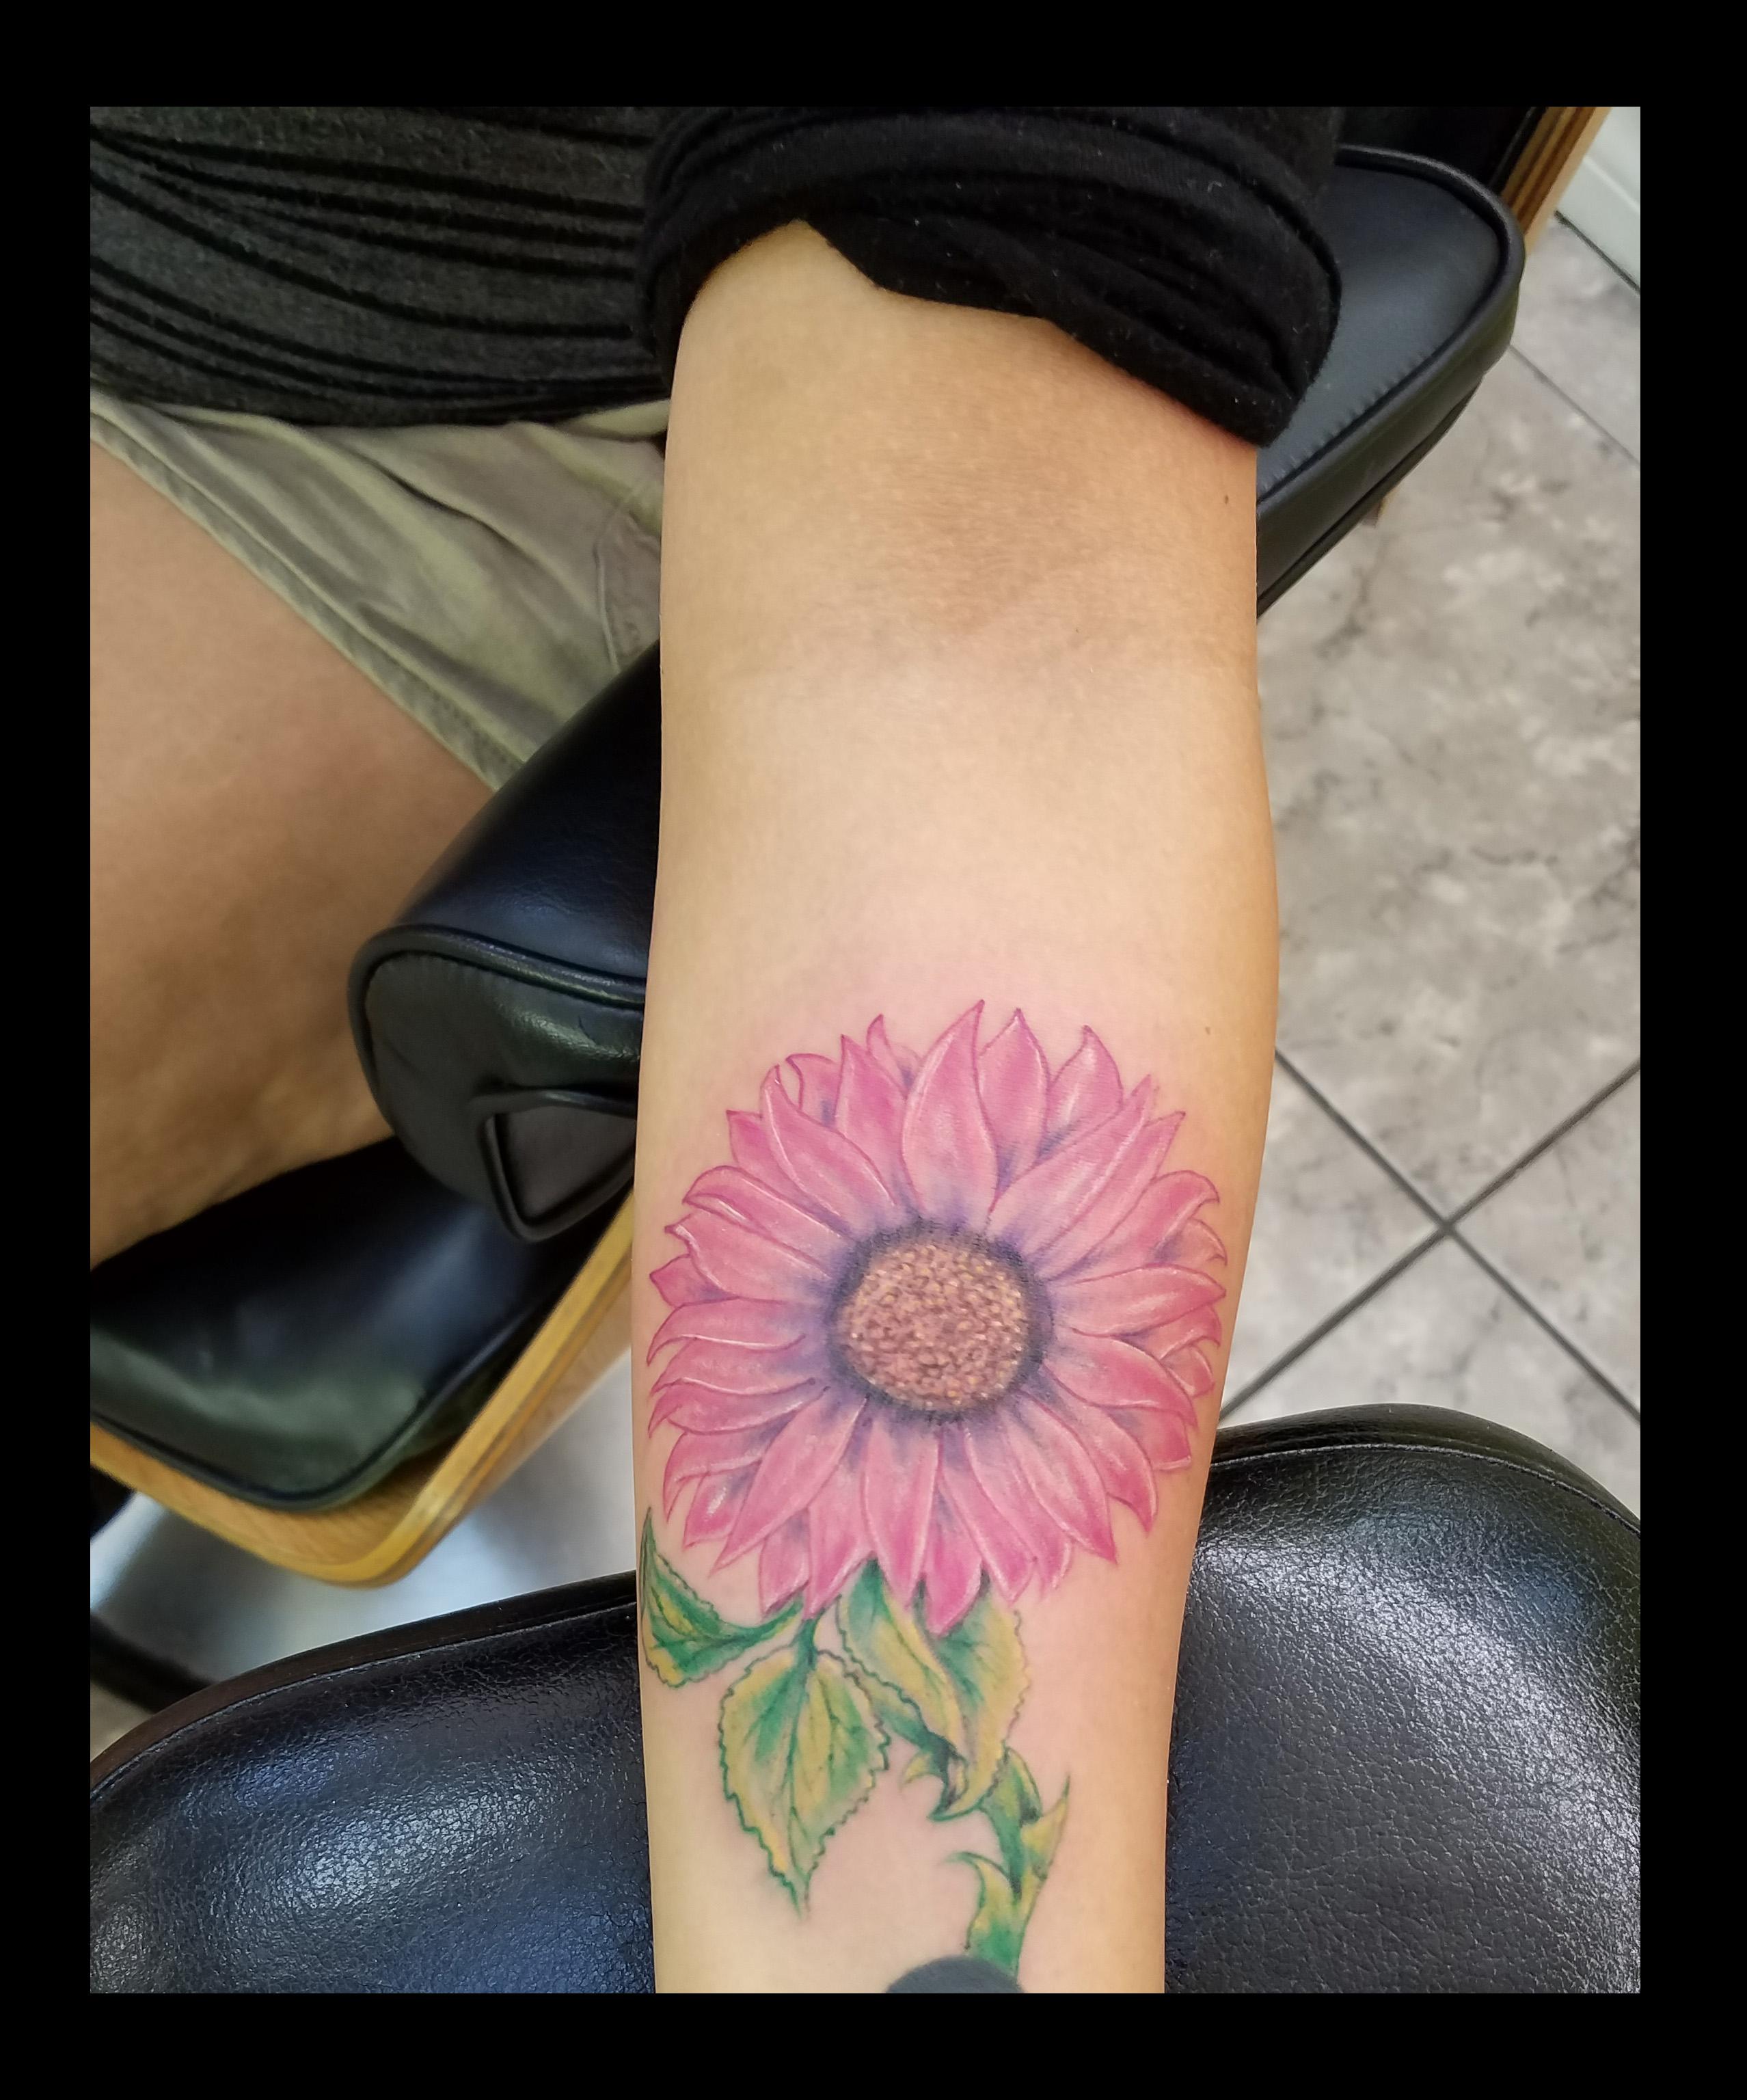 Sunflower tattoo by Ruben